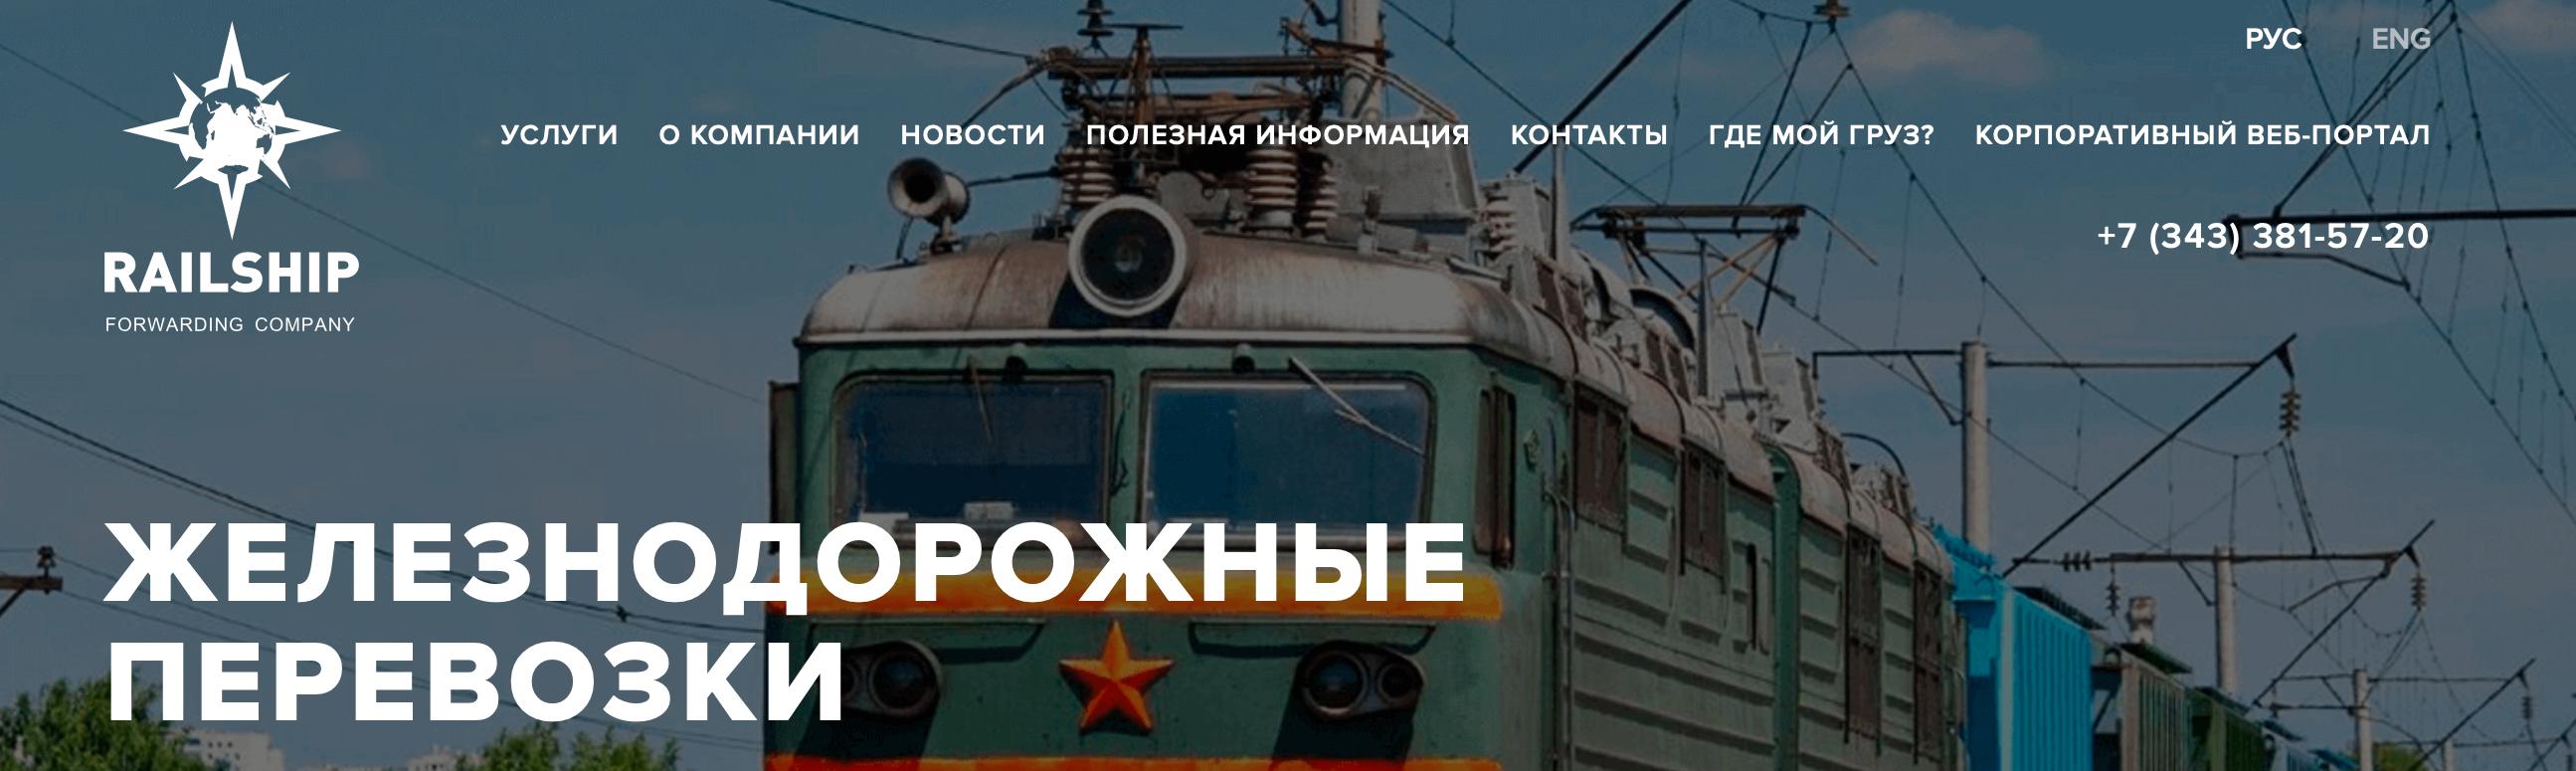 Контейнерные перевозки железнодорожным транспортом